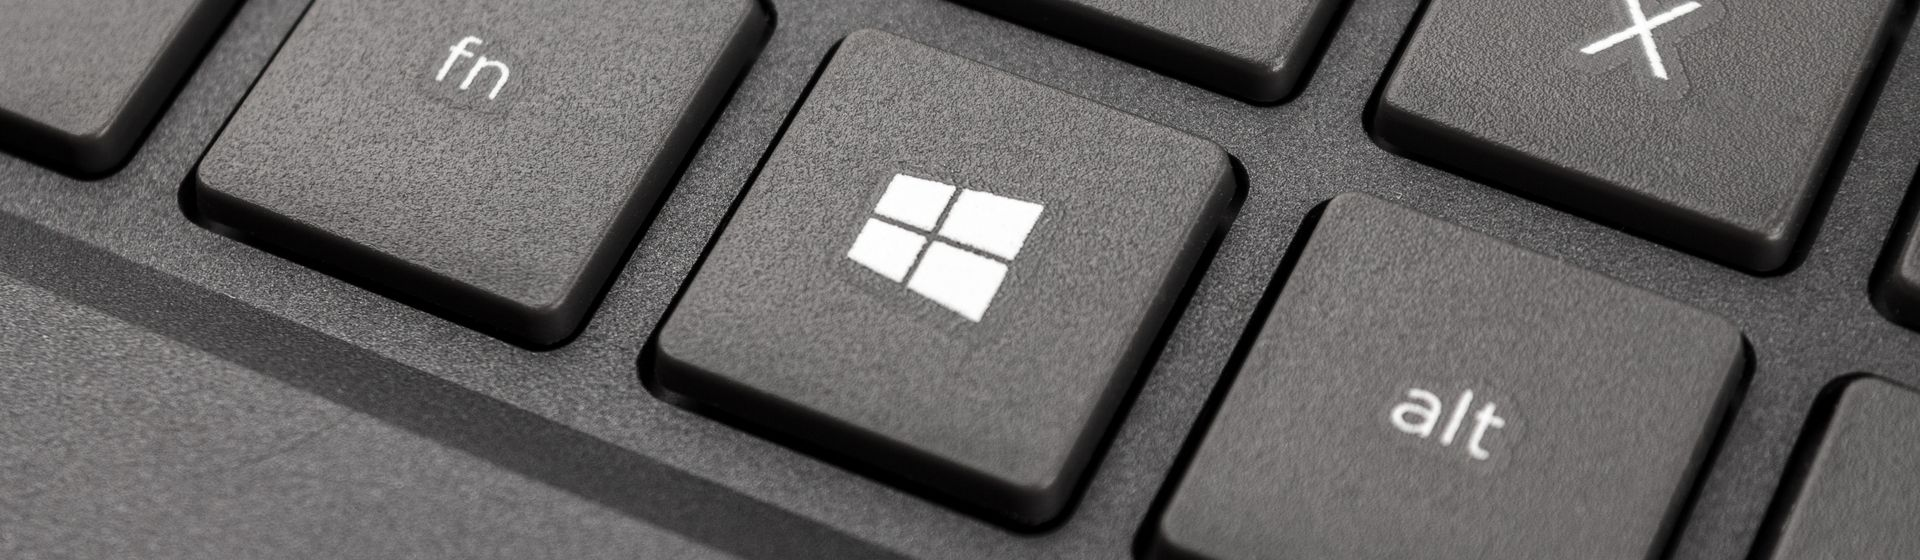 Notebook Windows 10: veja 18 modelos com o sistema operacional